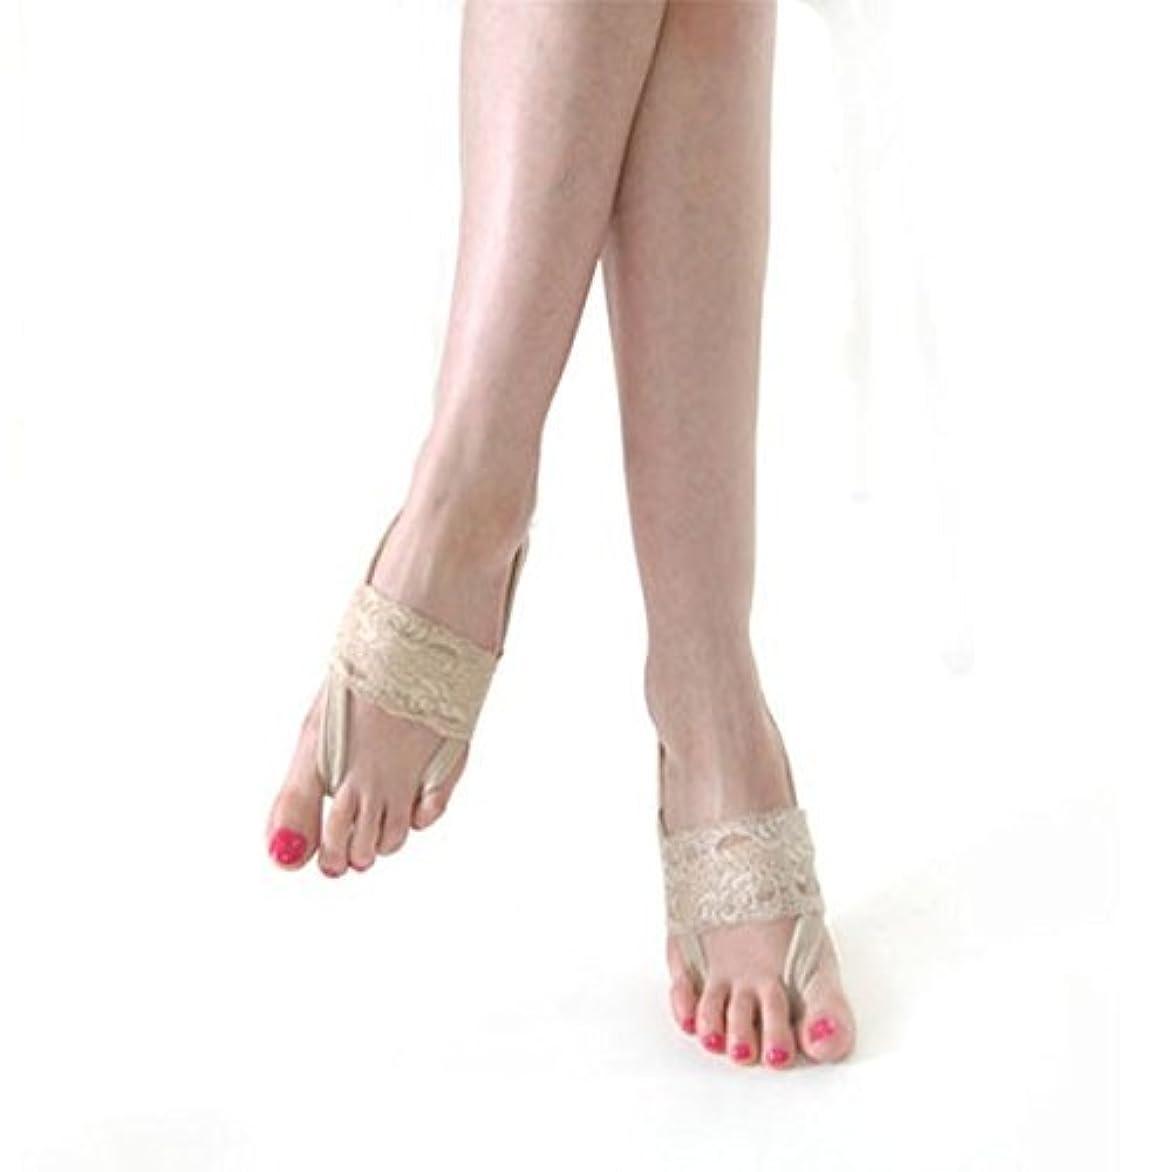 足が疲れにくい アシピタ 【 ベージュ Sサイズ ソックス 】むくみ 冷え 美脚 美姿勢をサポート 21-23cm